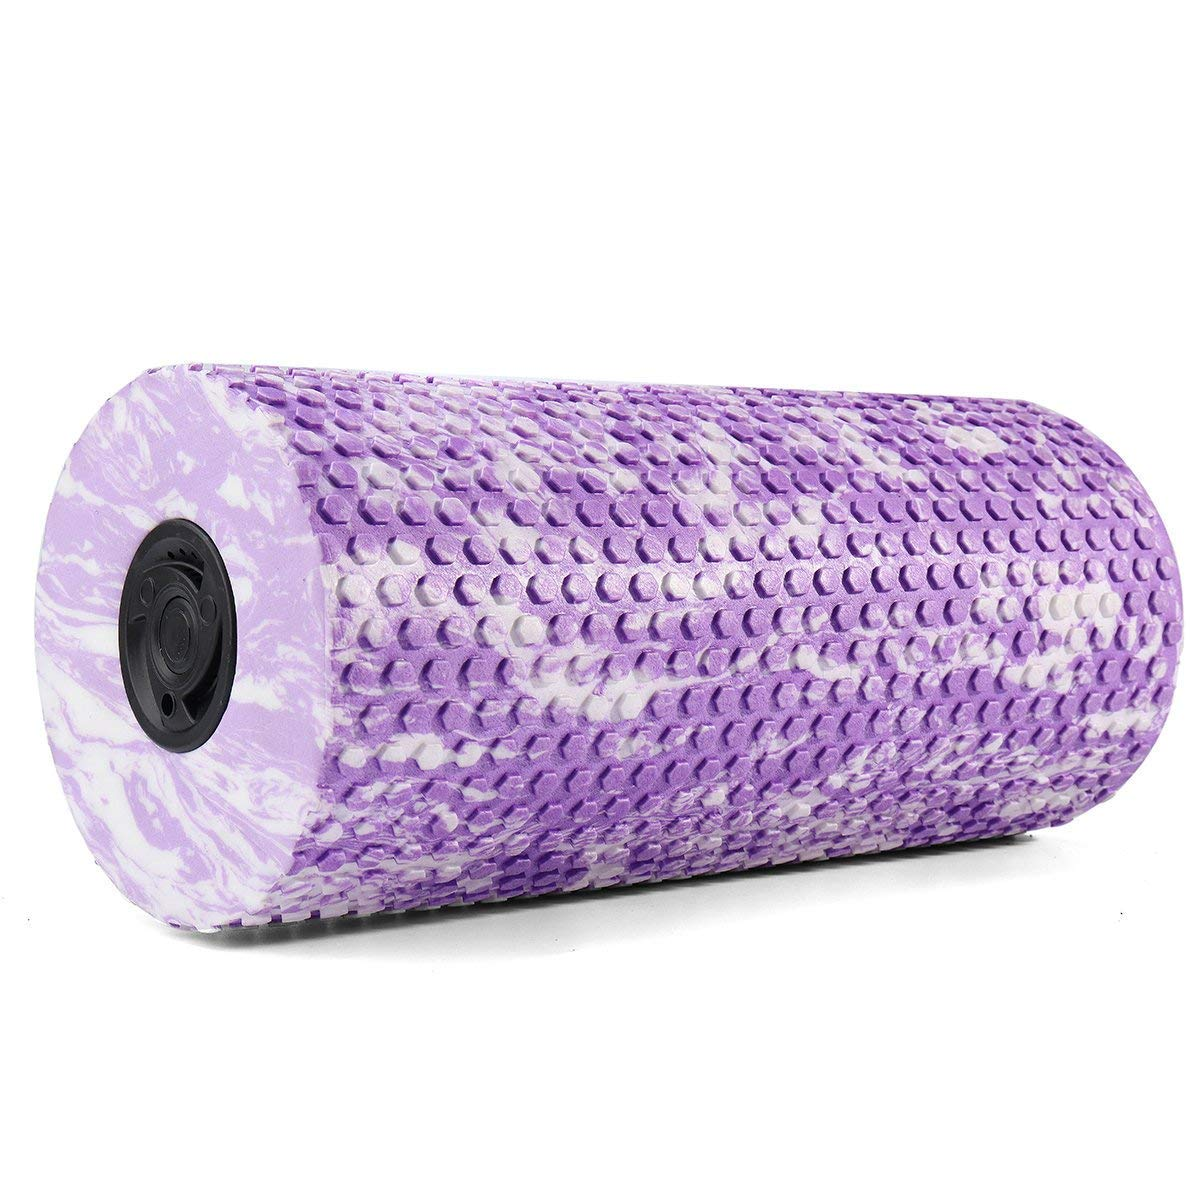 BDFA Yoga-Massage-Schaum-Rolle, Muskel-Entspannungs-Yoga-Spalten, Die Balancen-Stab Massager Abnehmen